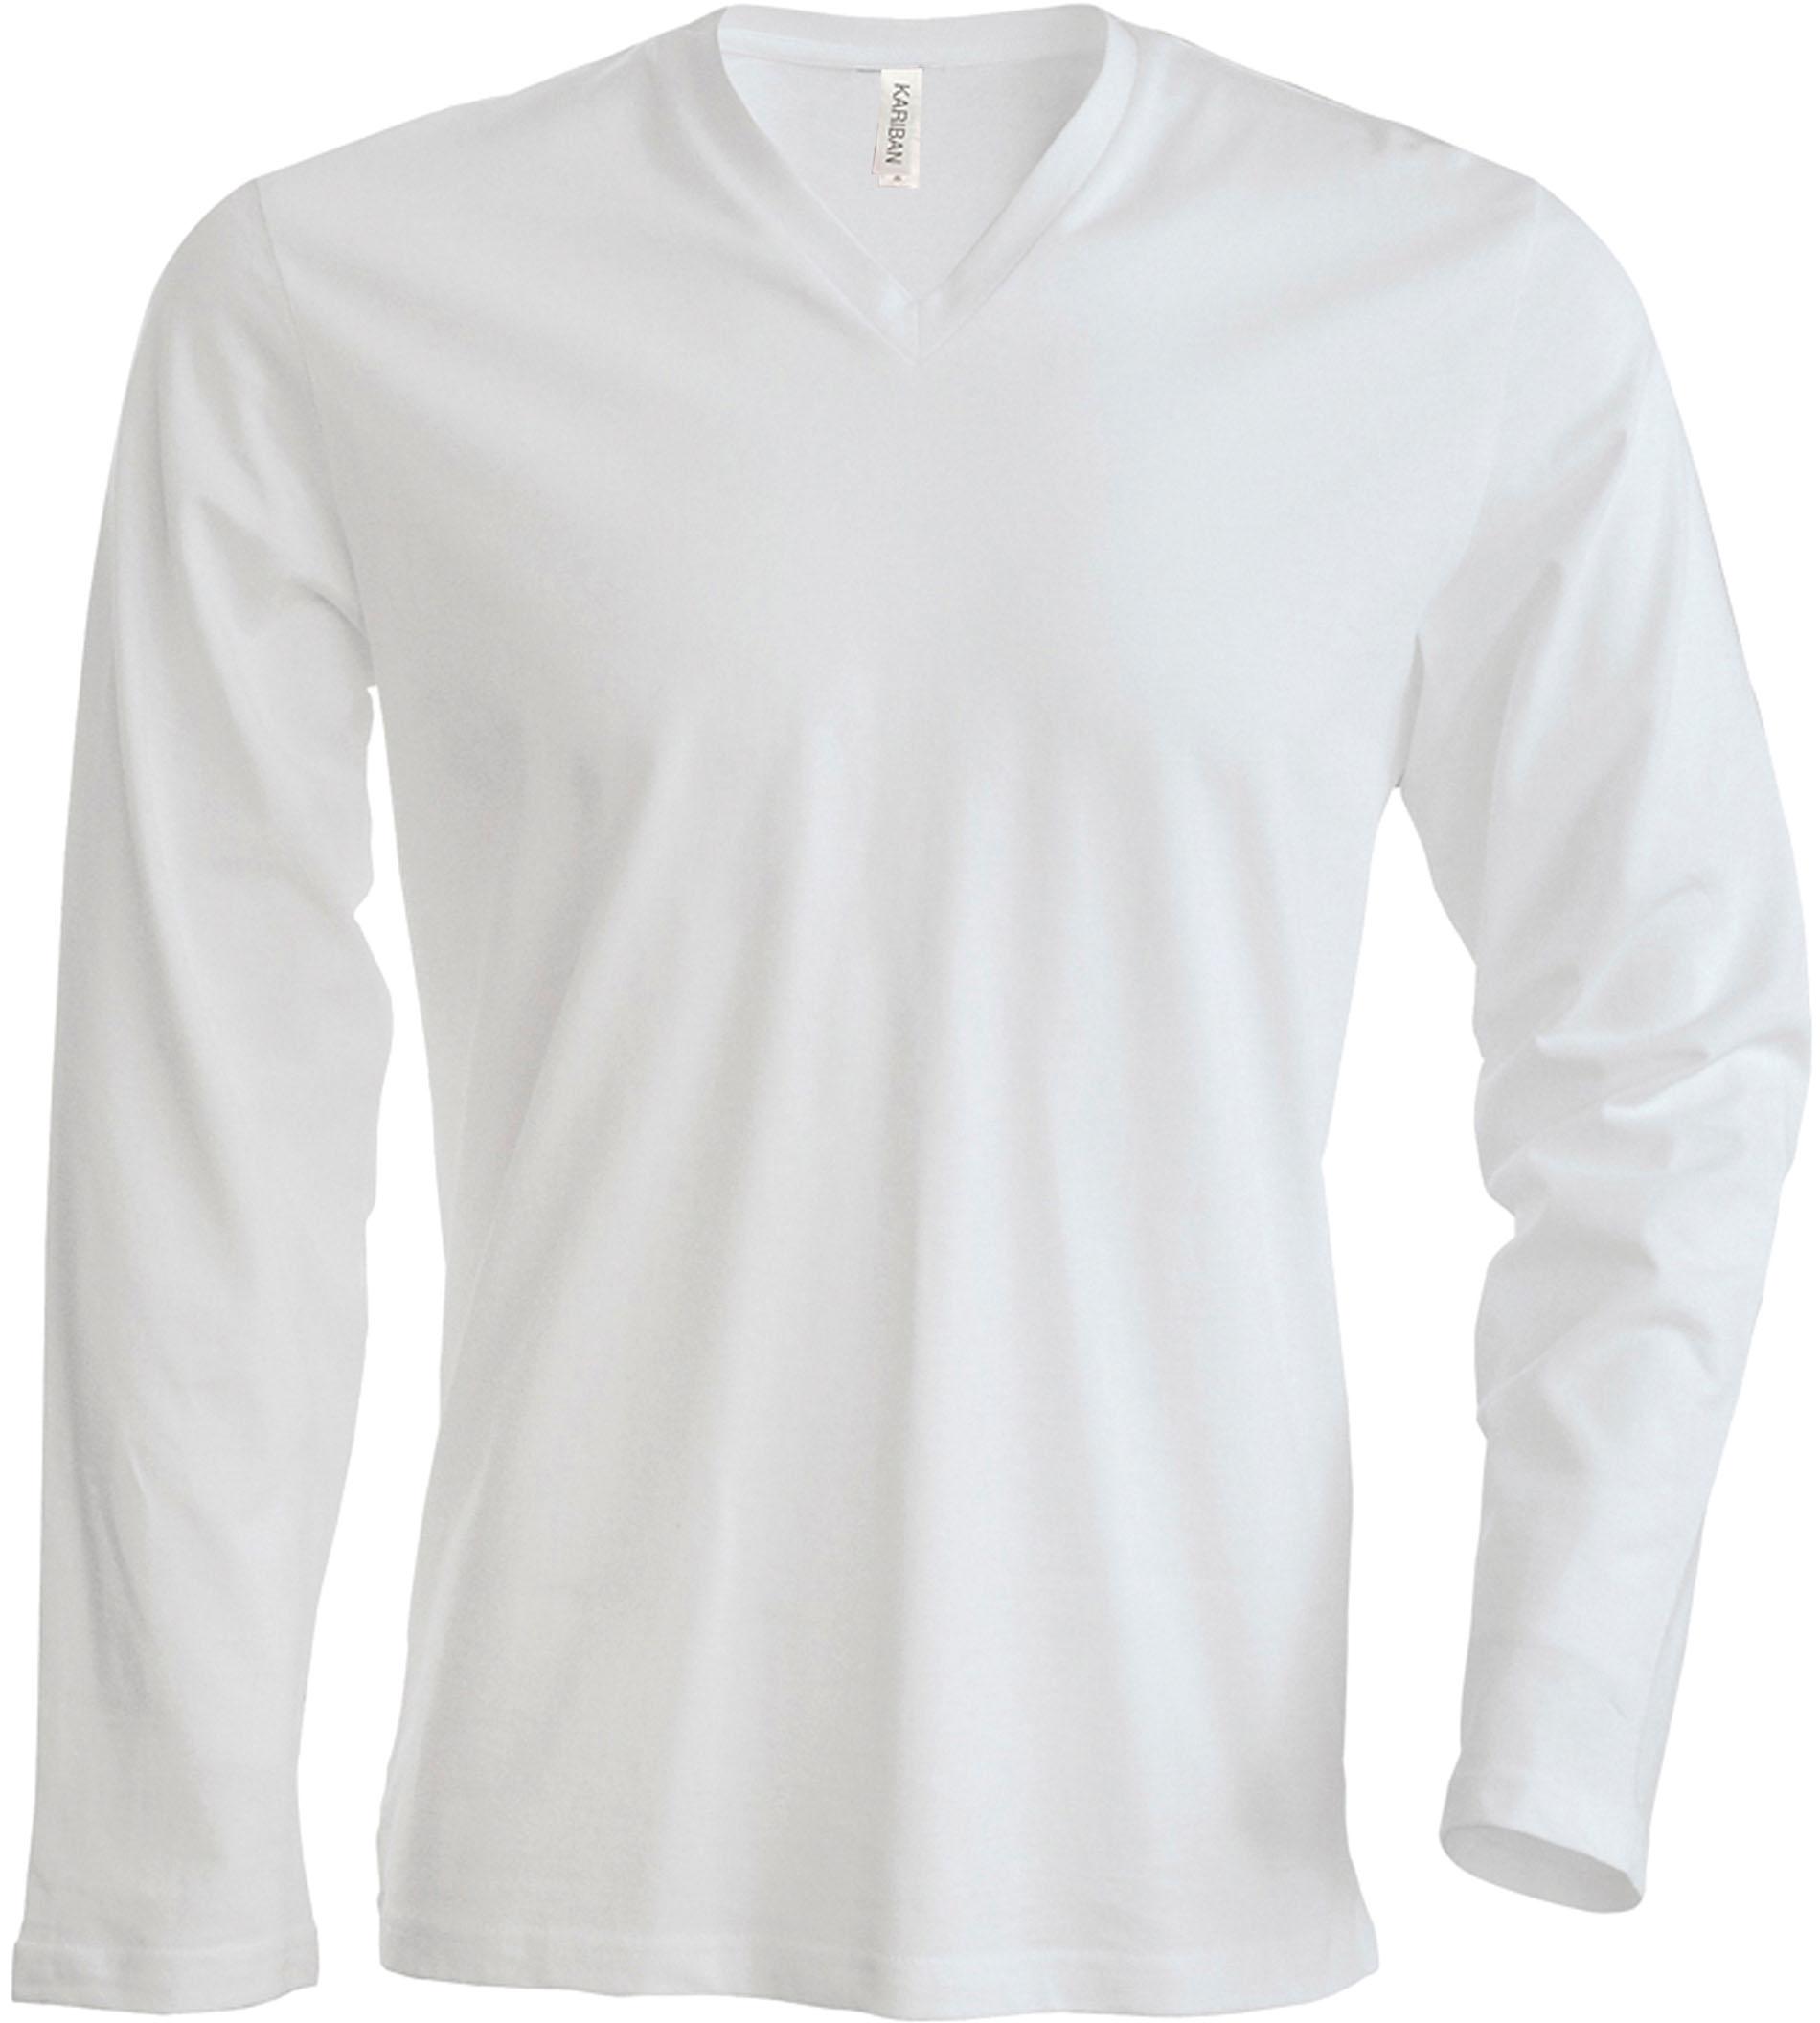 T-paita K358 V-aukko PH Valkoinen